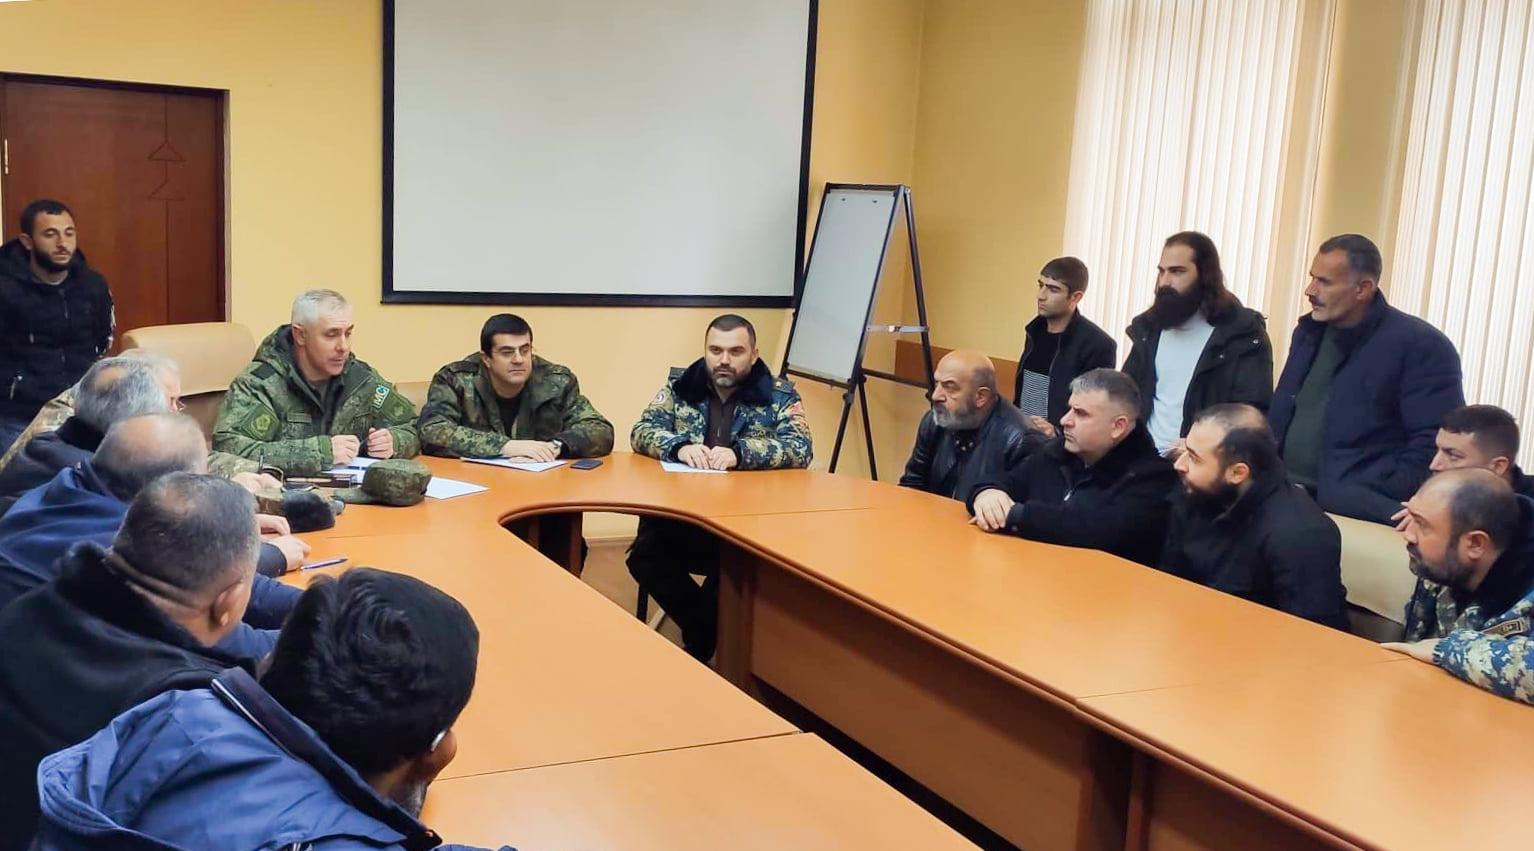 Photo of Араик Арутюнян встретился с родственниками пропавших без вести и находящихся в плену военнослужащих